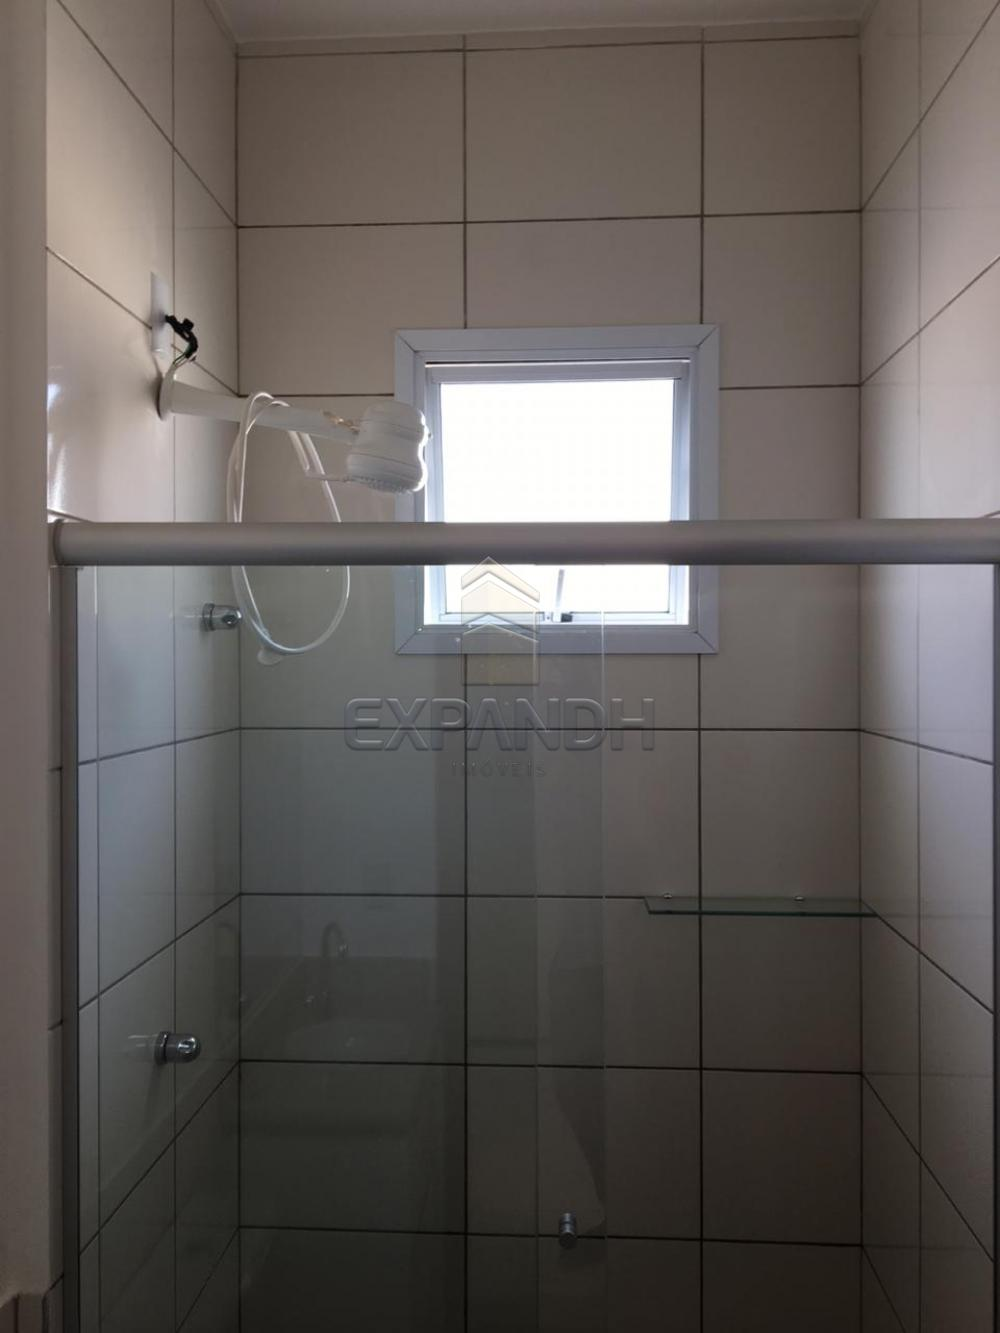 Alugar Casas / Condomínio em Sertãozinho R$ 1.200,00 - Foto 29